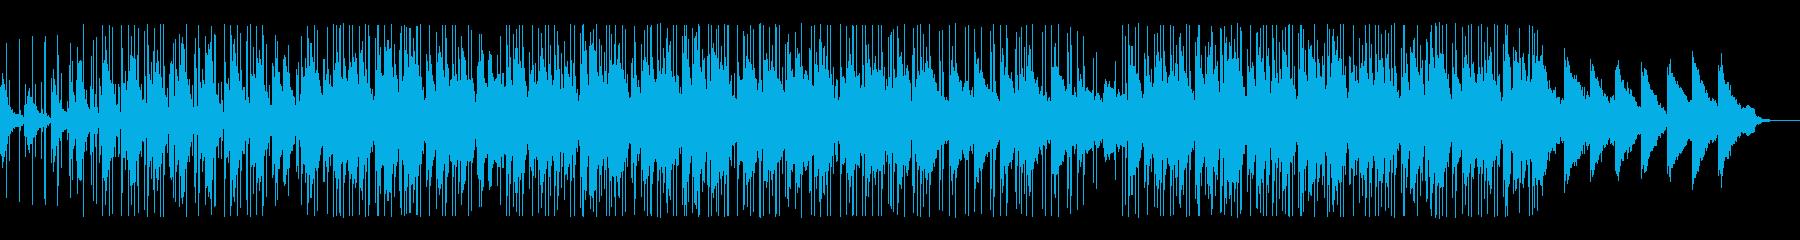 哀愁のあるLoFi HipHopの再生済みの波形